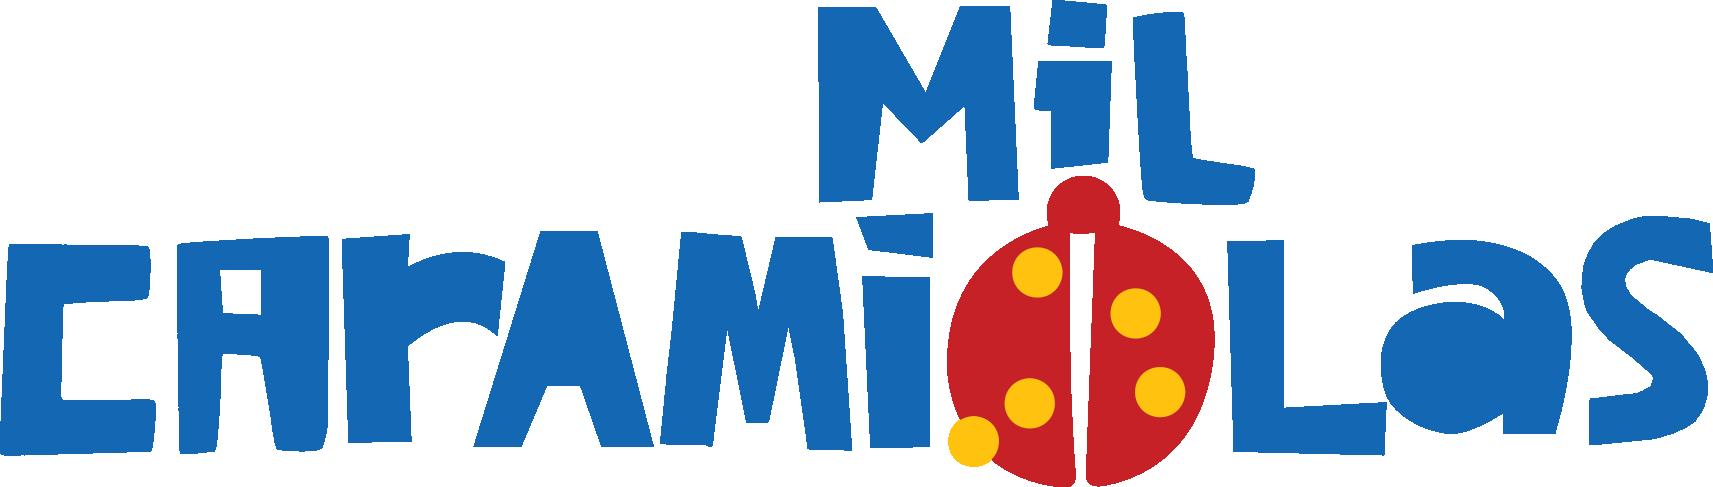 Mil Caramiolas